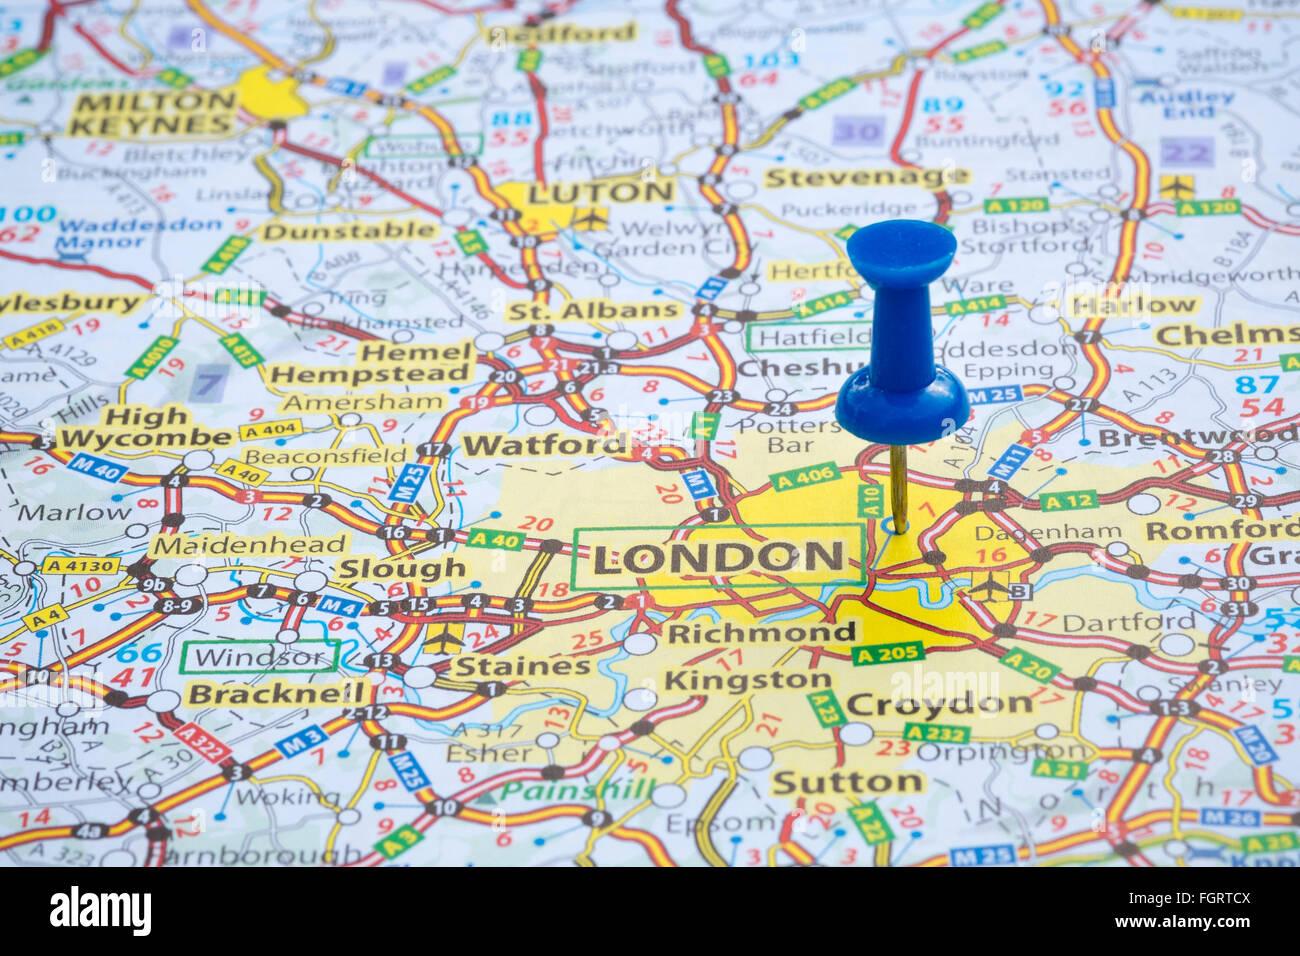 London Map Stock Photos London Map Stock Images Alamy